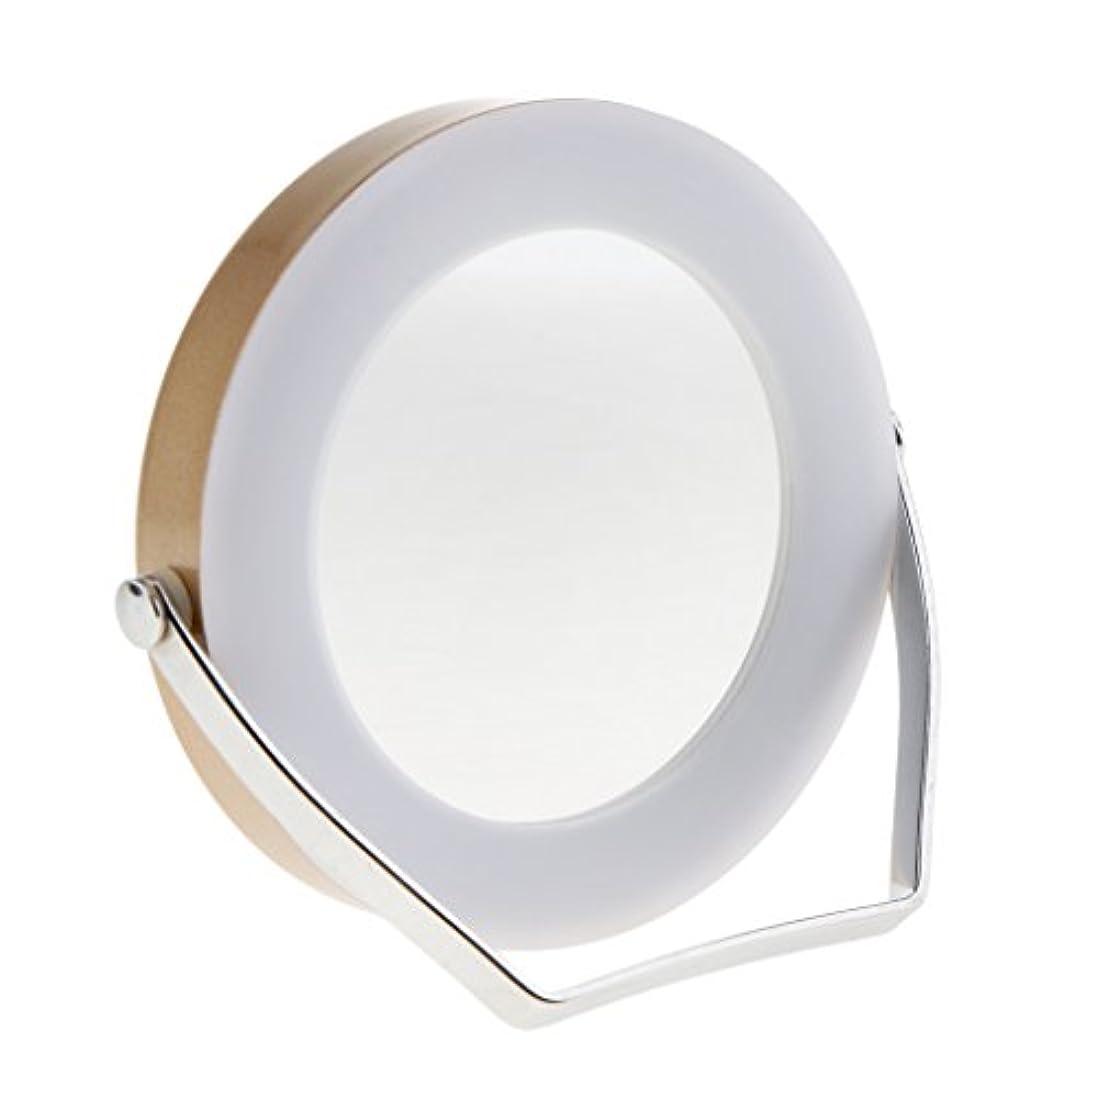 煩わしい文芸学習者LEDミラー LEDライトタッチ鏡 化粧鏡 メイクアップ 3倍拡大鏡 360度回転 2色選べる - ゴールド